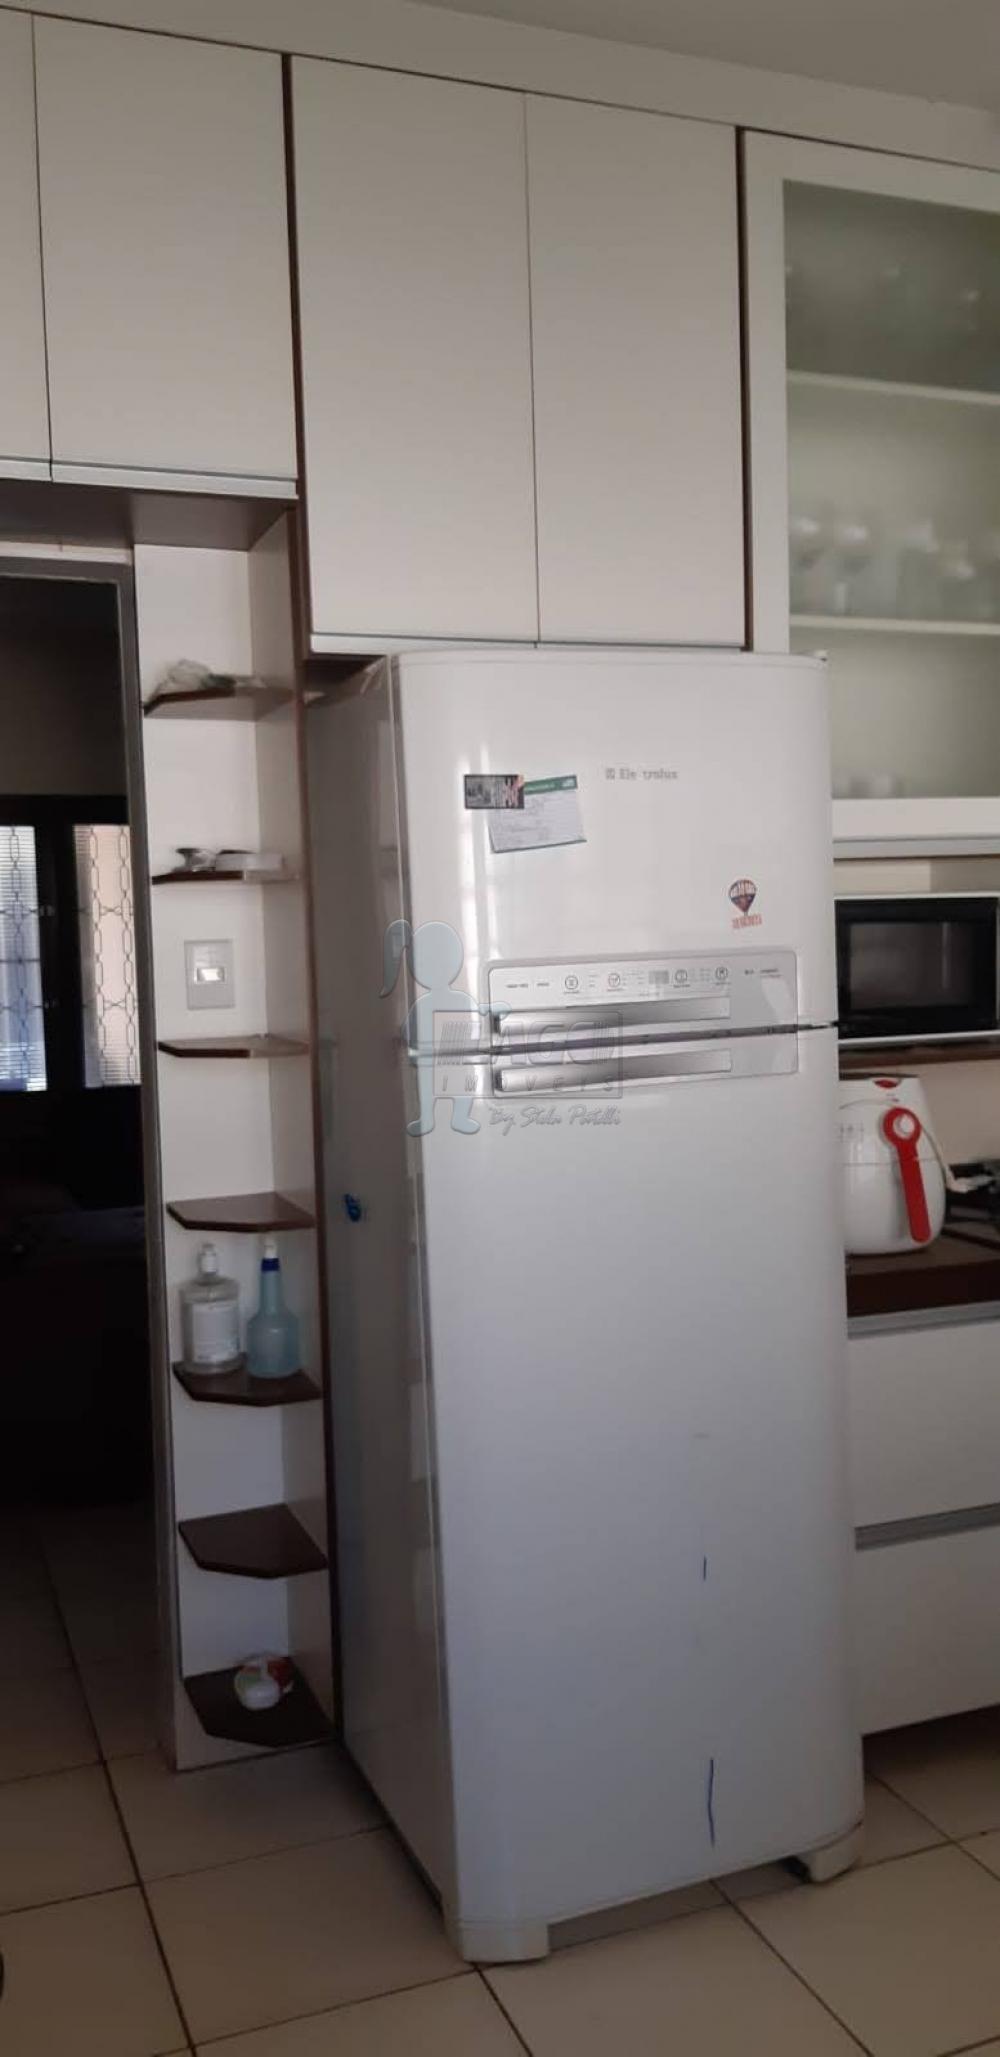 Comprar Casas / Padrão em Ribeirão Preto R$ 249.000,00 - Foto 12